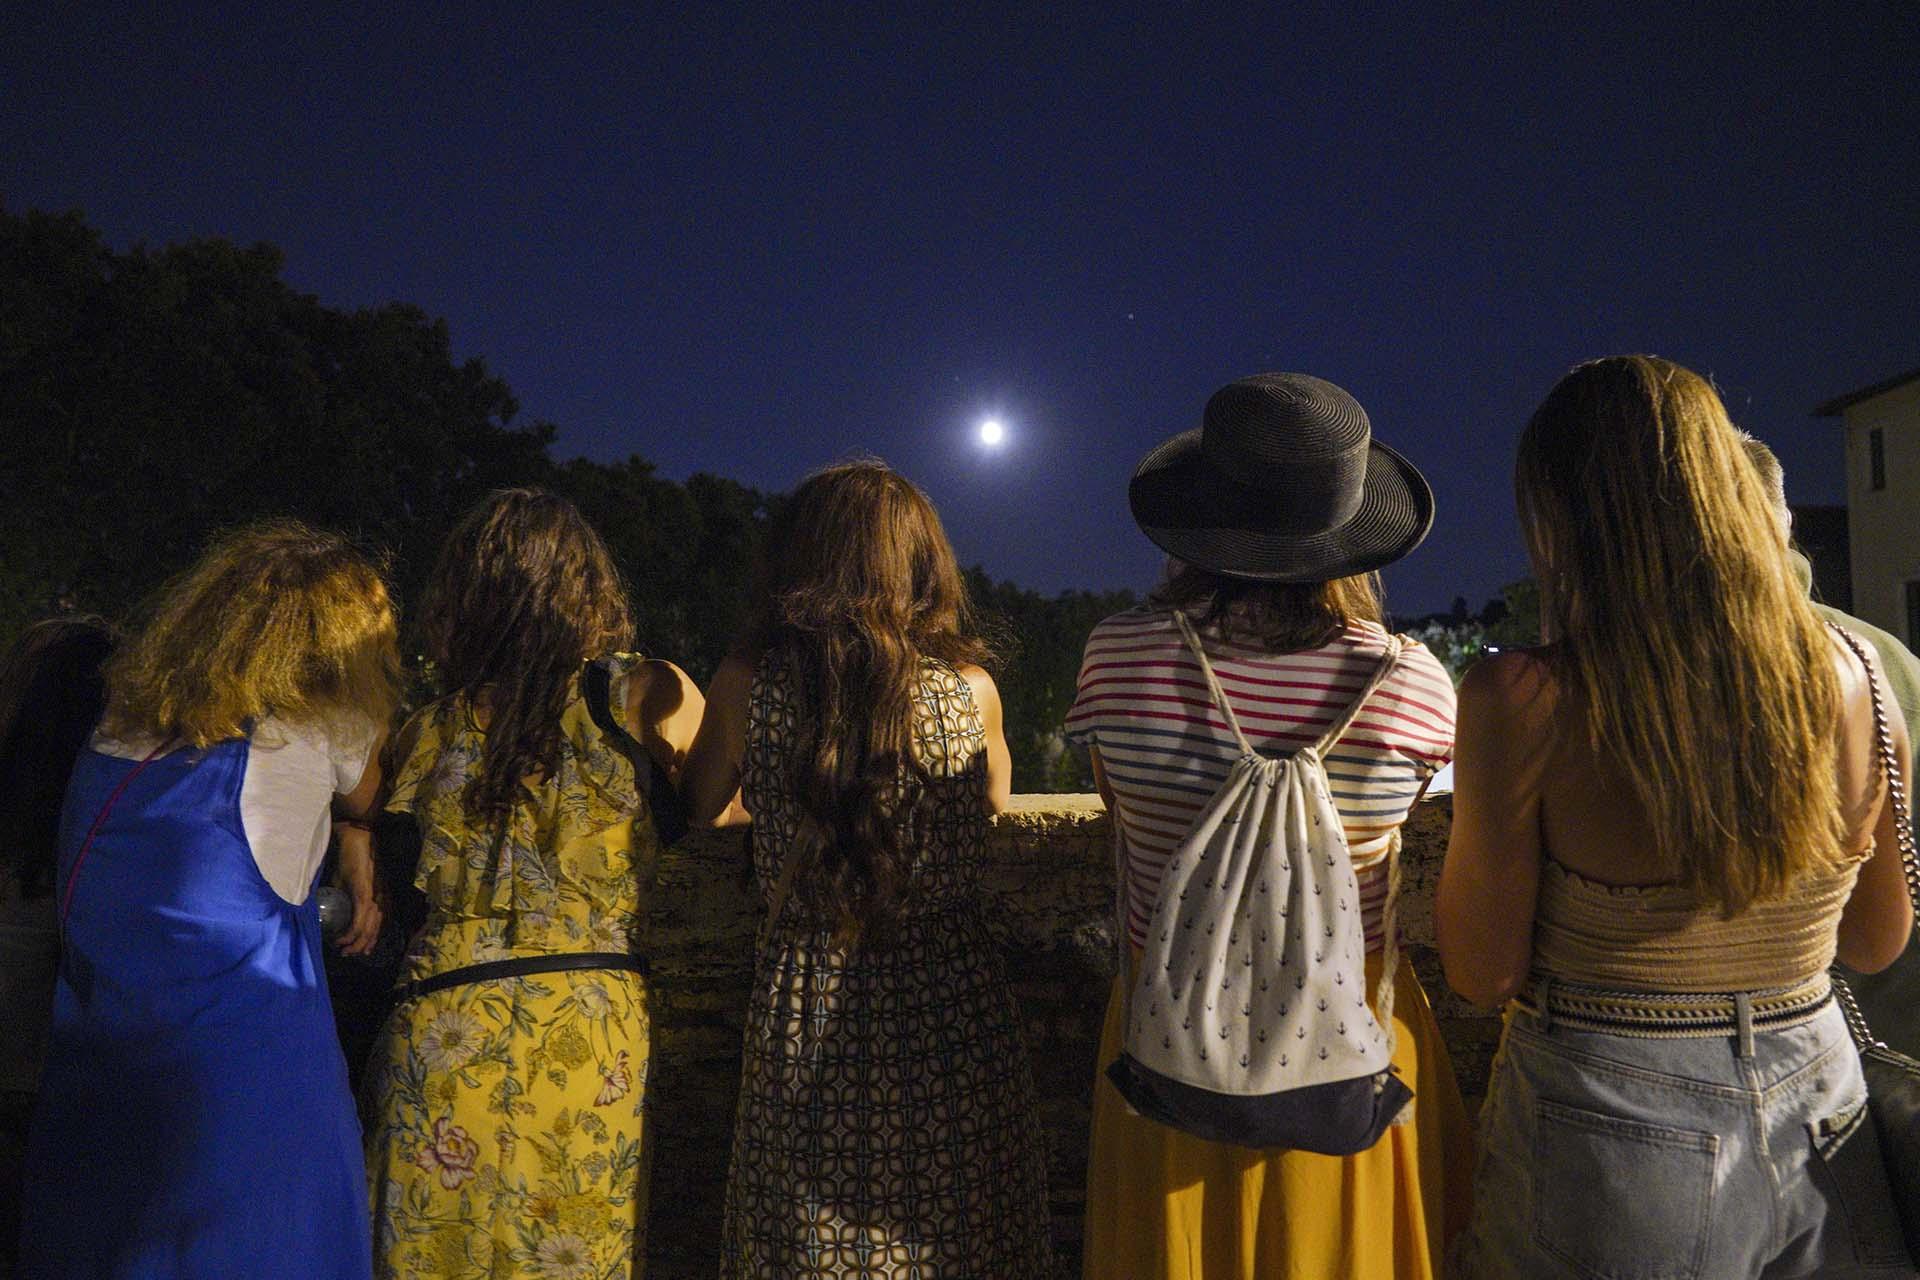 Turistas en Roma observaron el eclipse lunar (AP Photo/Andrew Medichini)